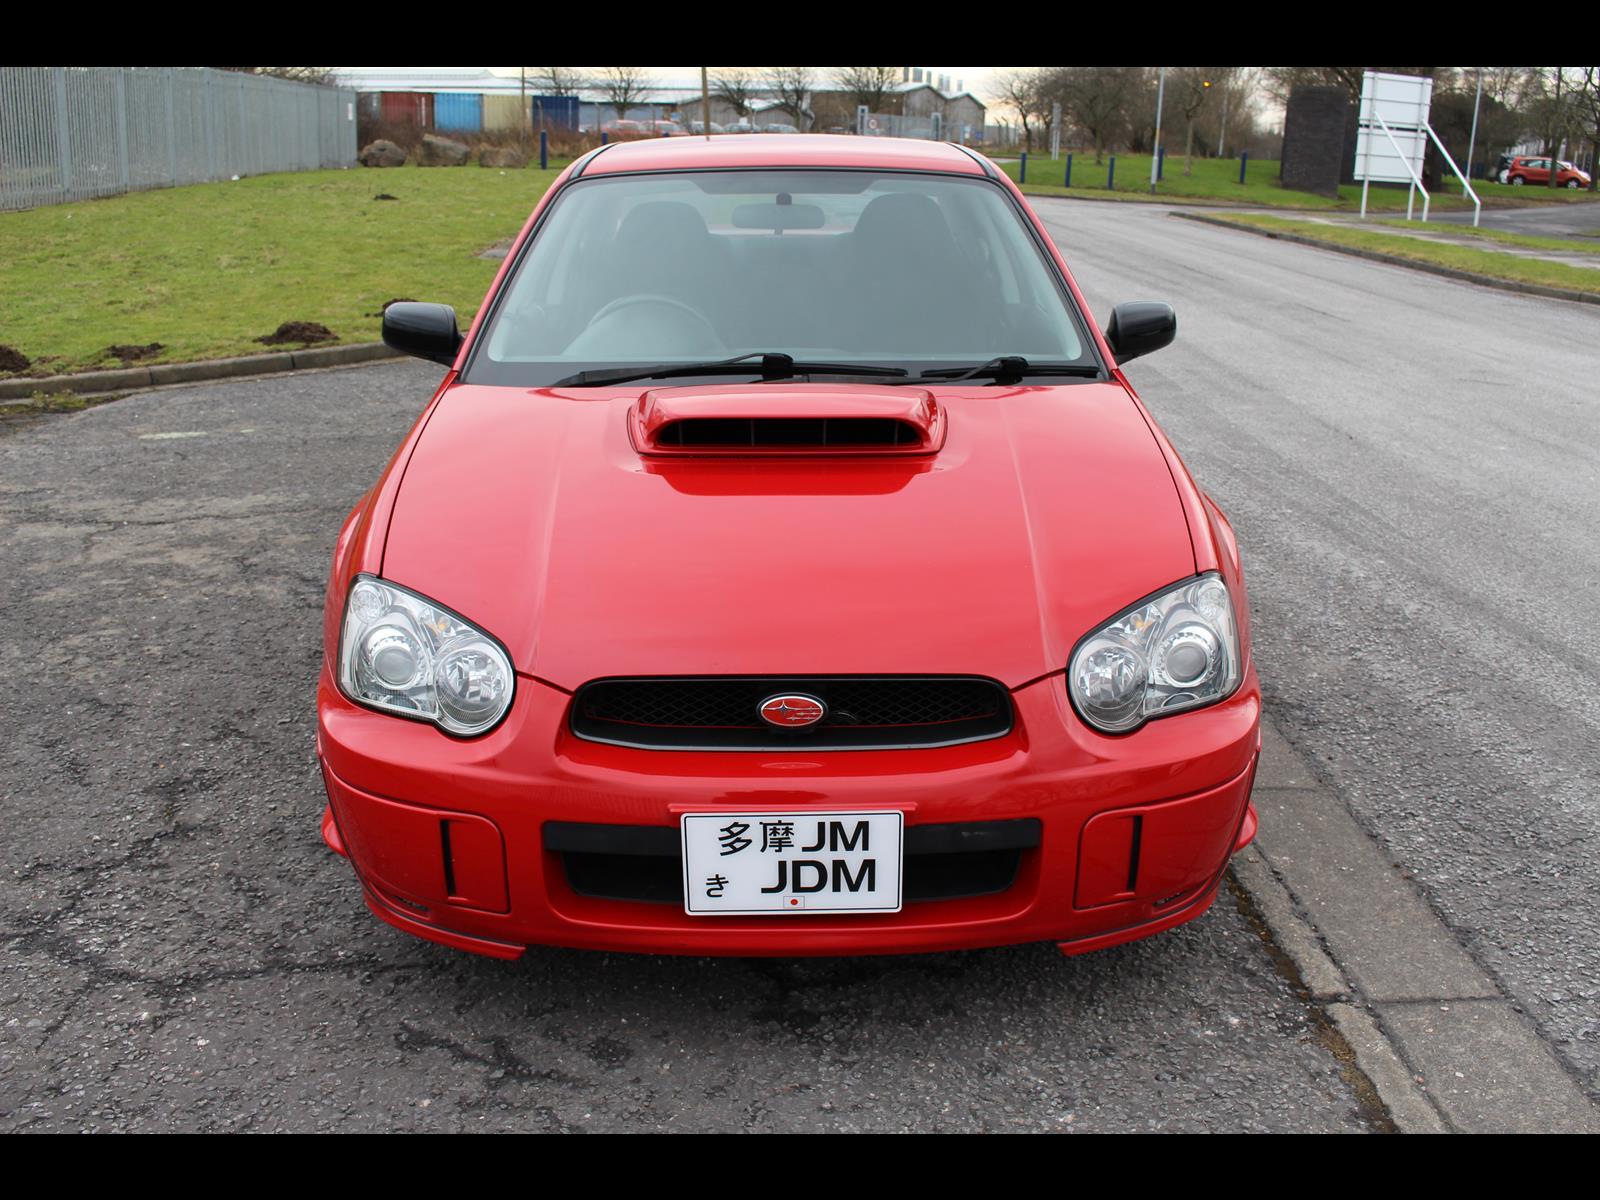 Custom Subaru Badges >> 2005 Subaru Impreza WRX 5 Speed Manual